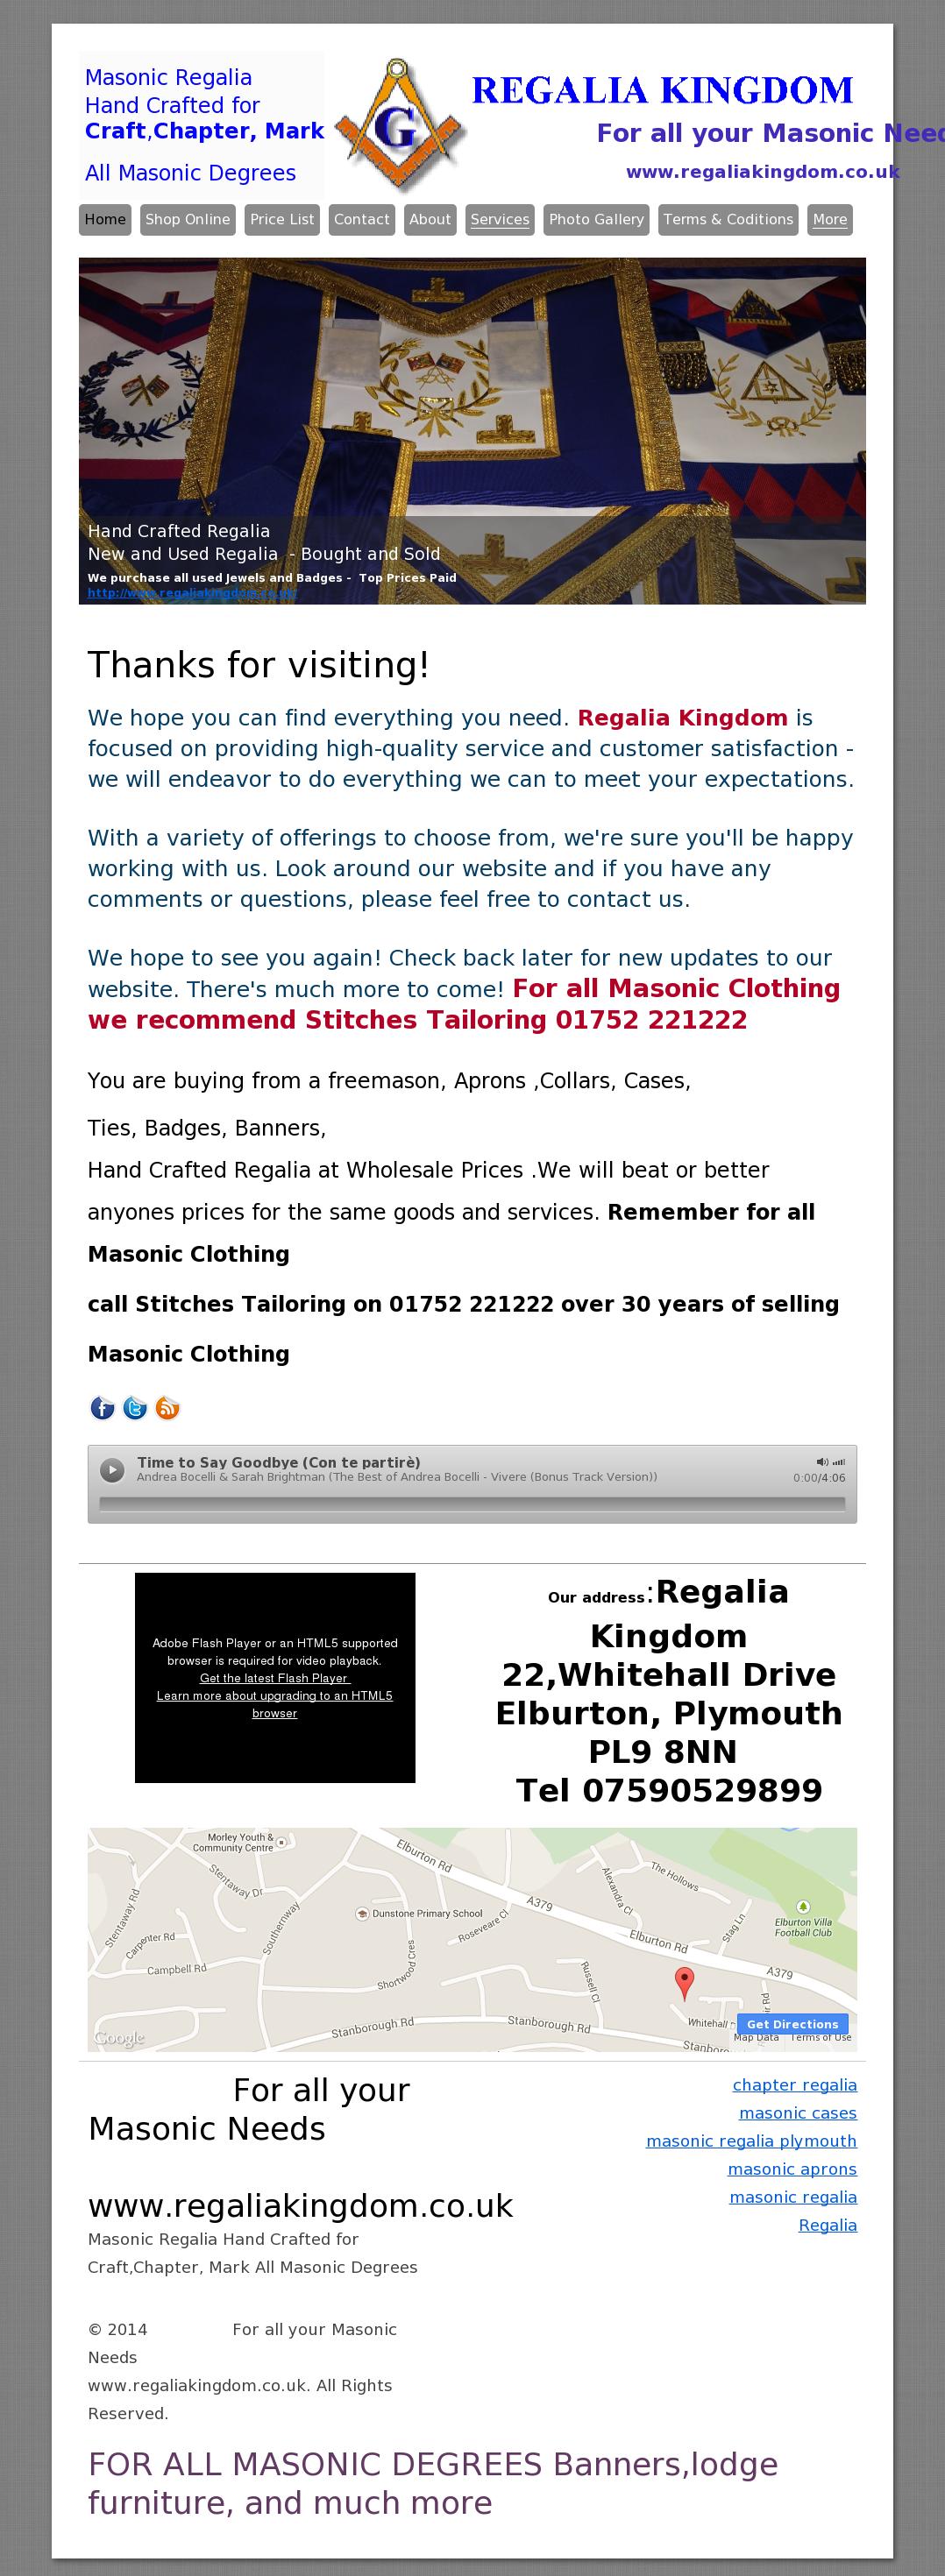 Masonic Regalia & Jewels By Regalia Kingdom Competitors